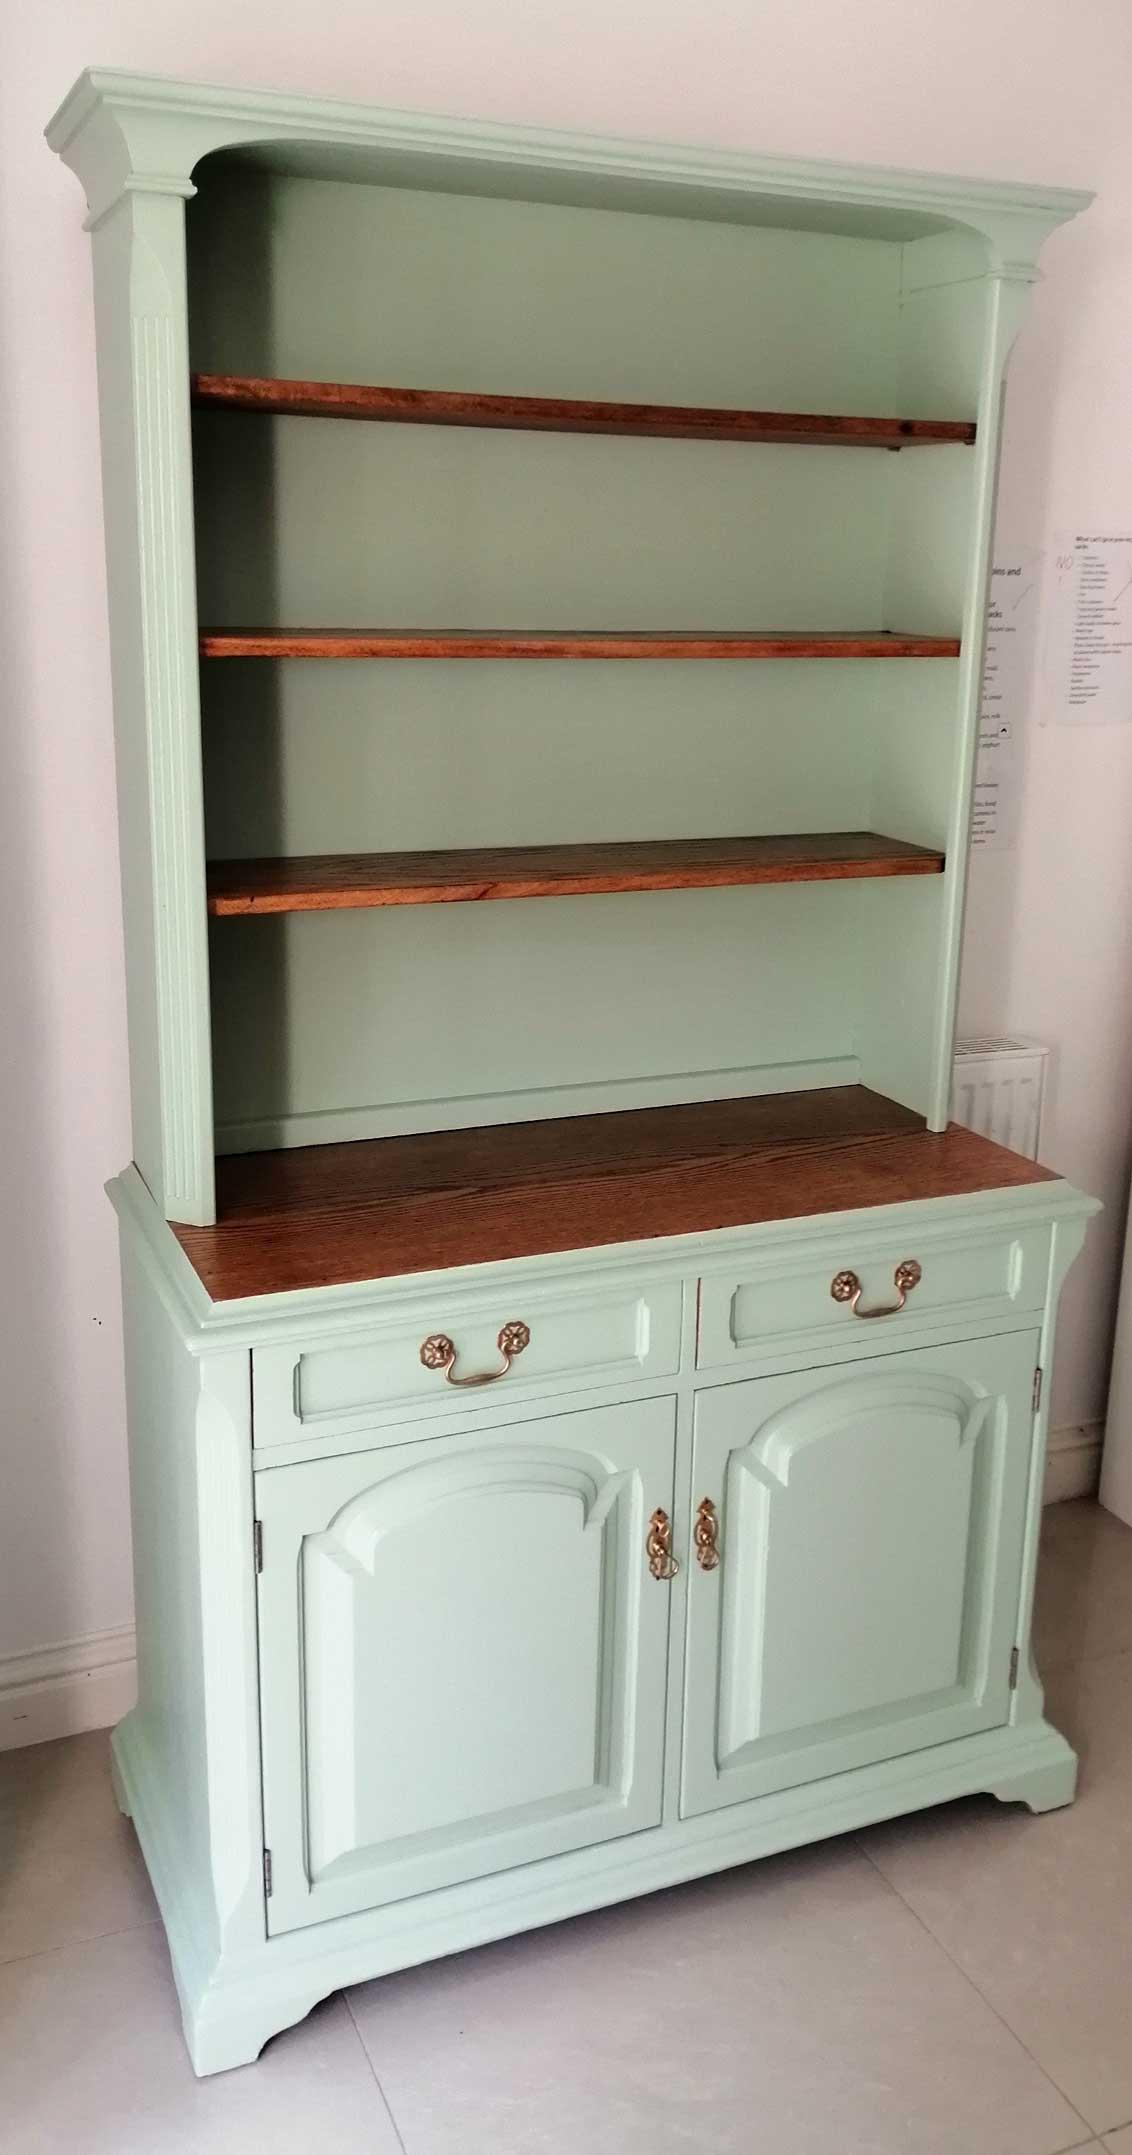 Welsh dresser completed